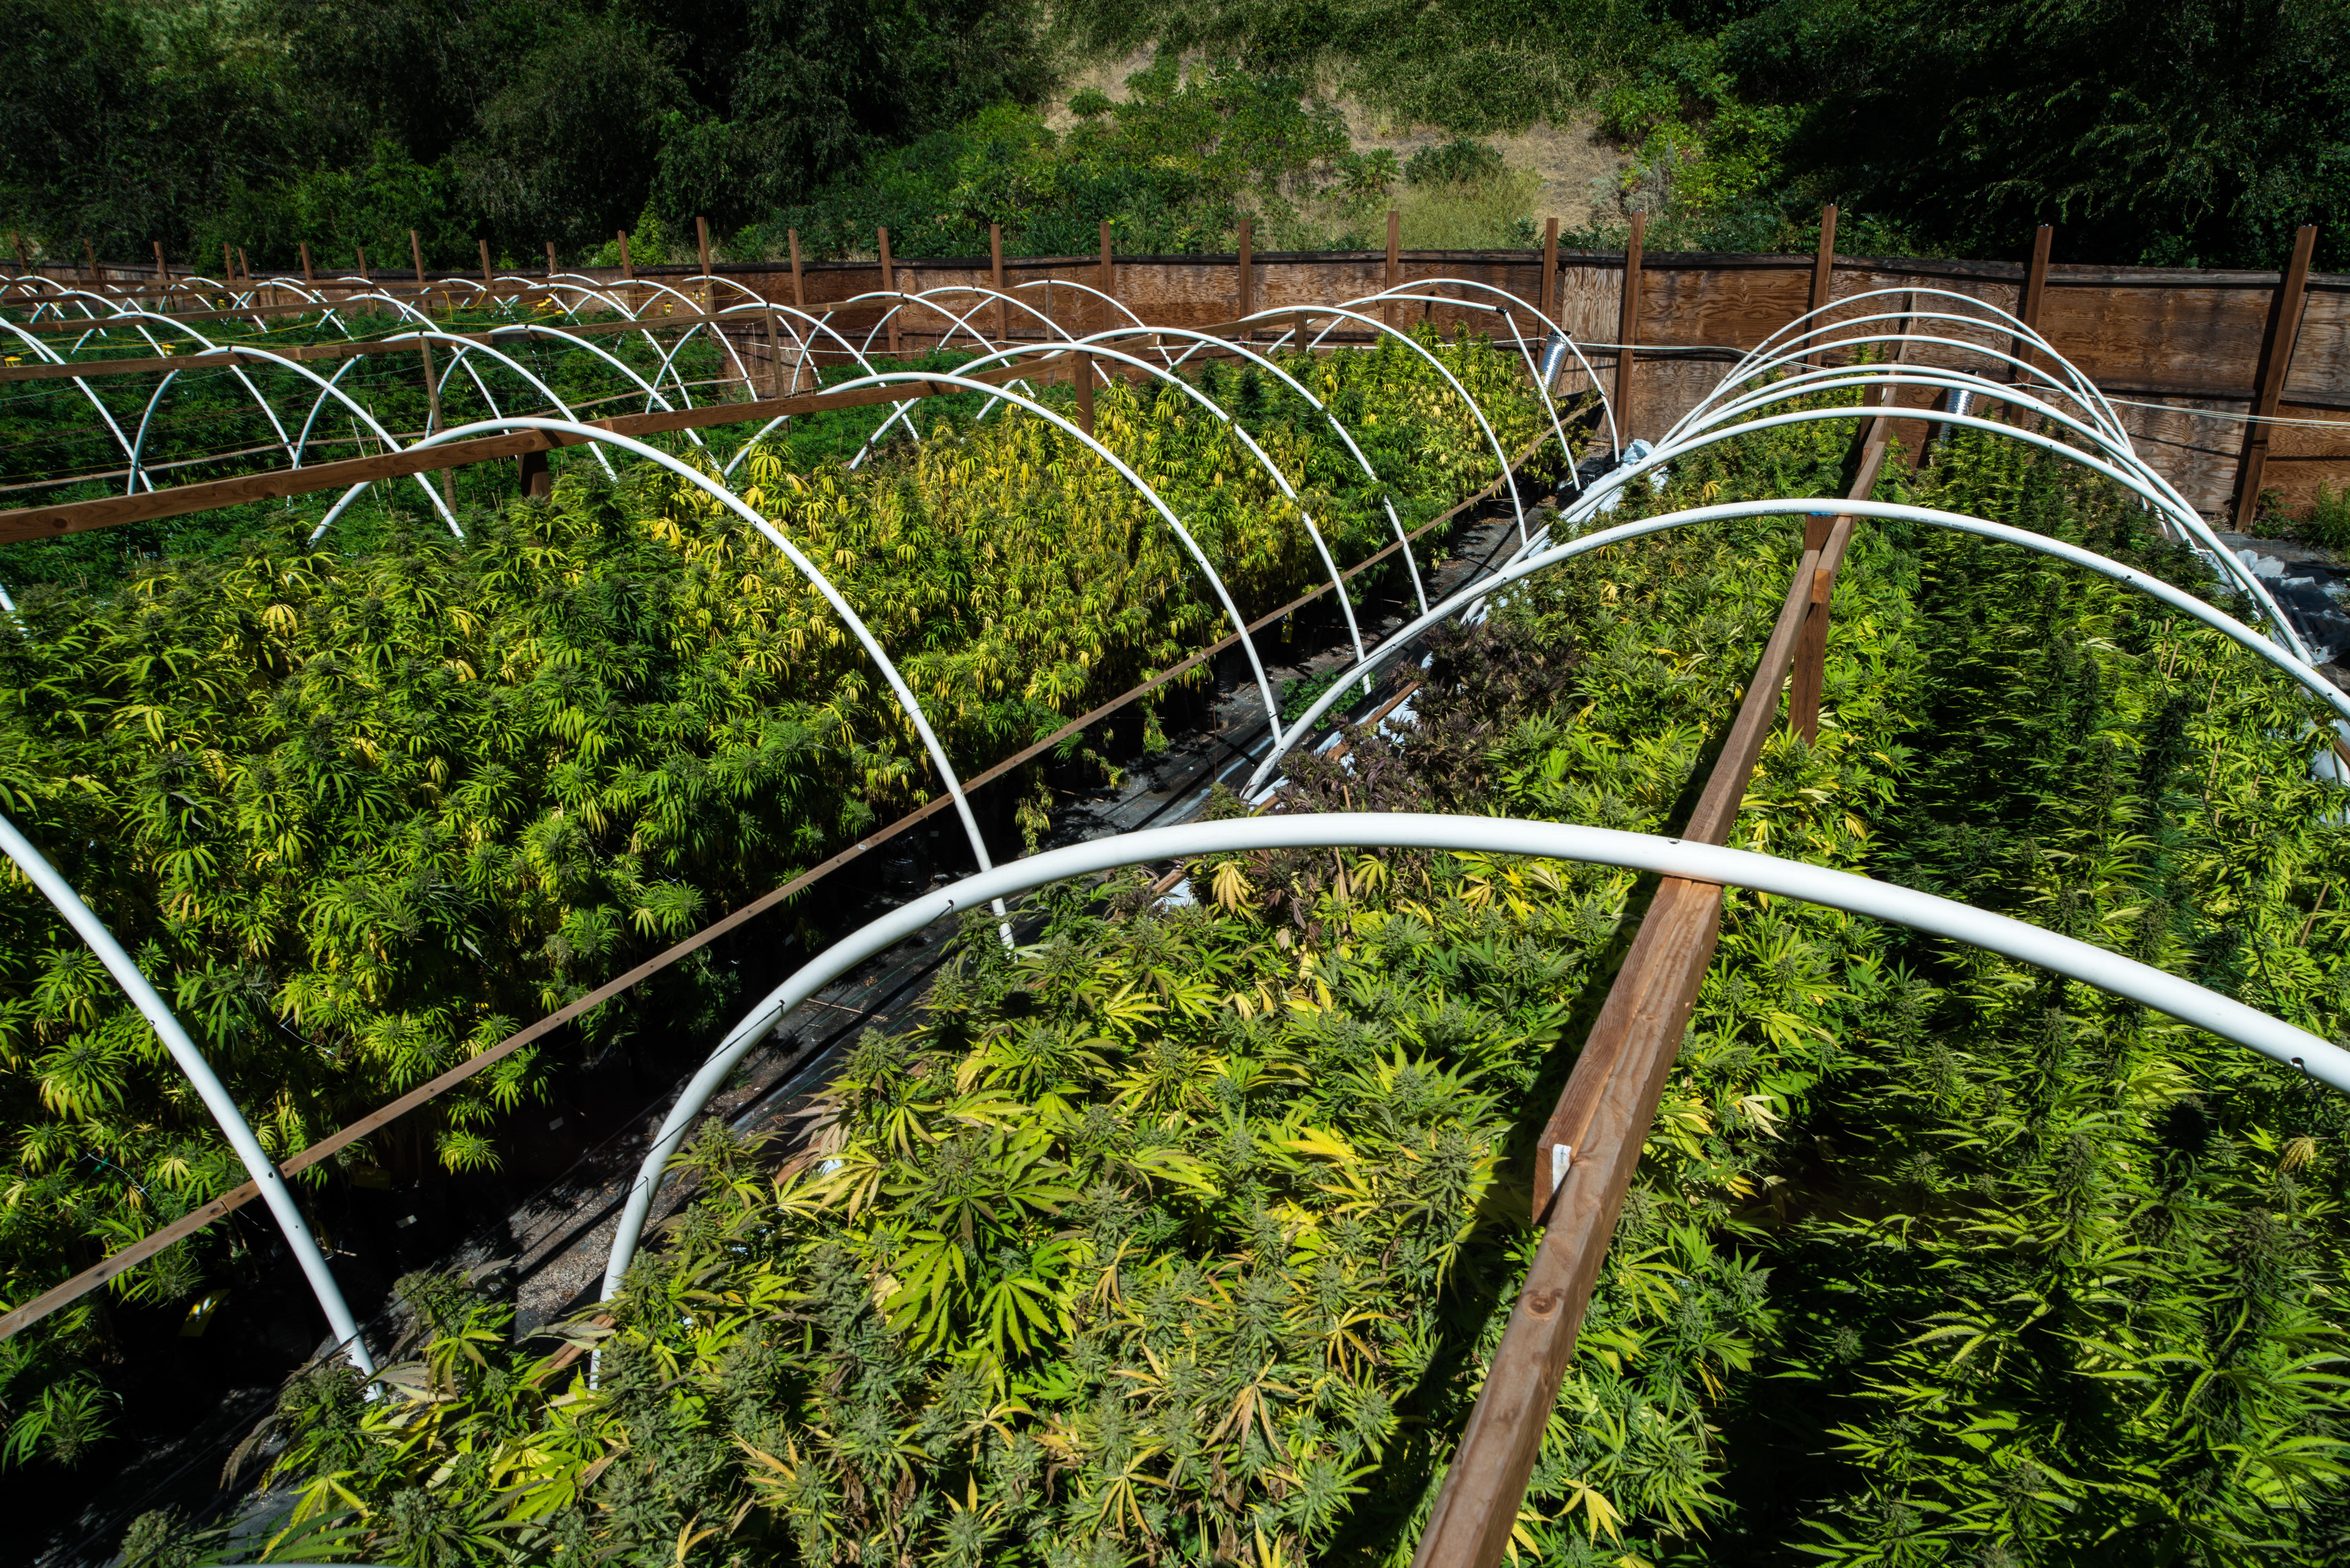 An outdoor cannabis grow facility.